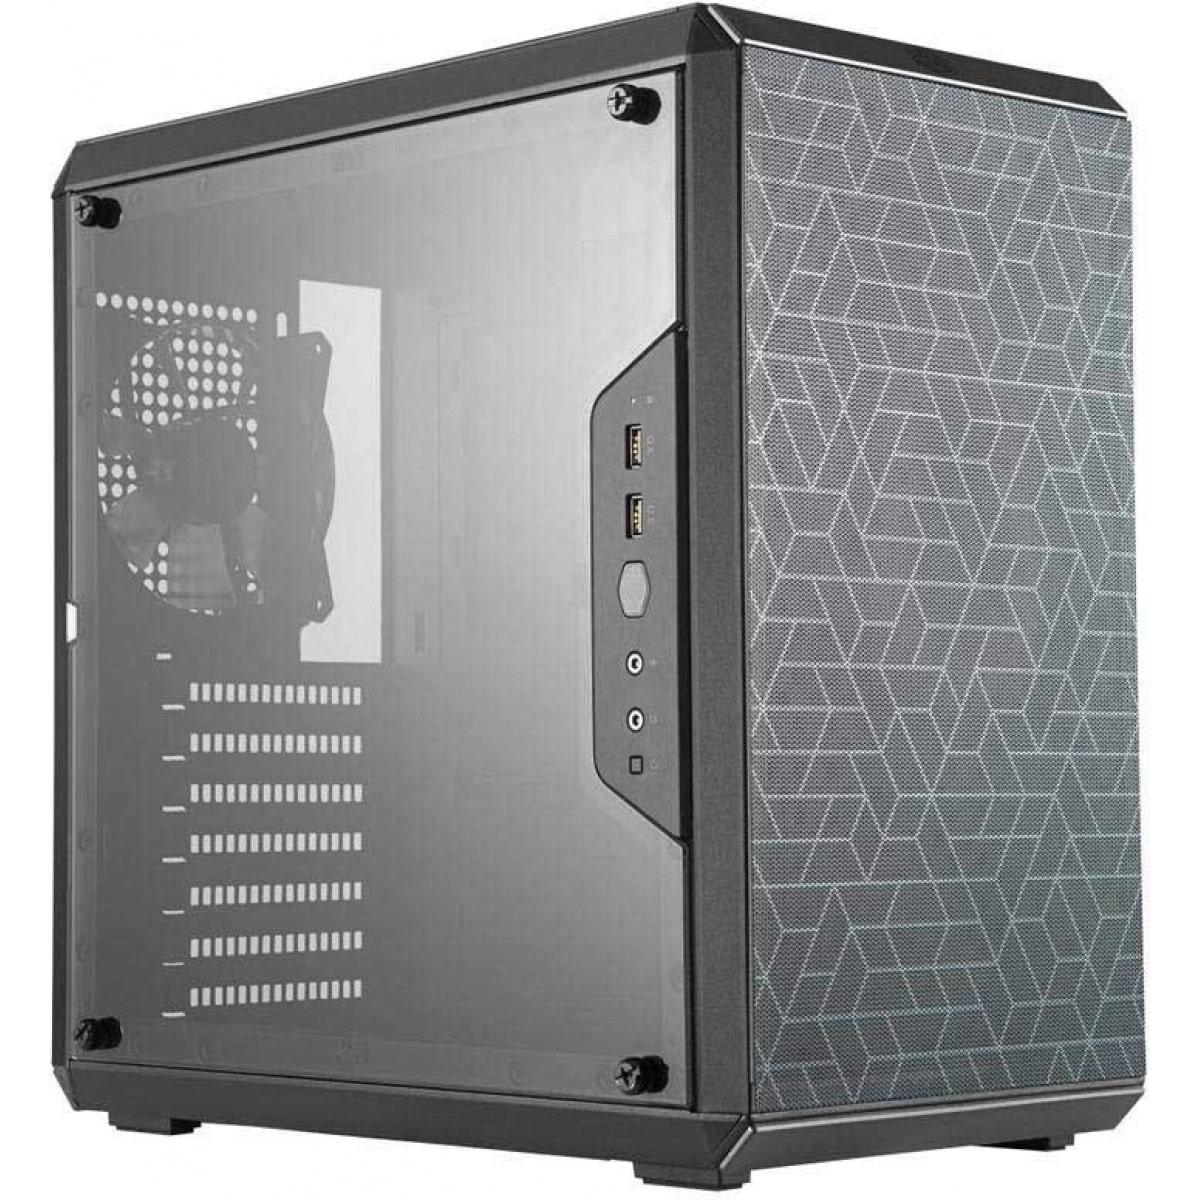 Computador, intel 10º geração corei3-10100 3.6Ghz, 4GB DDR4, HD 1TB